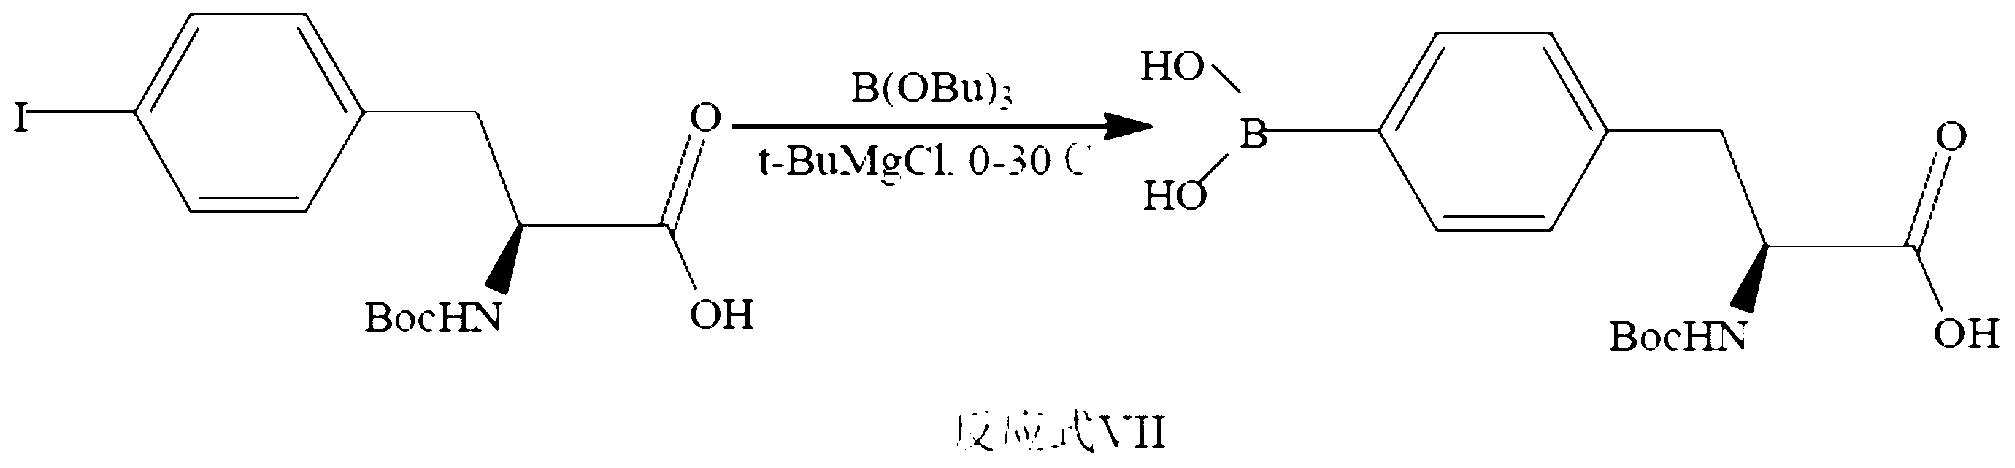 Figure PCTCN2016094881-appb-000013